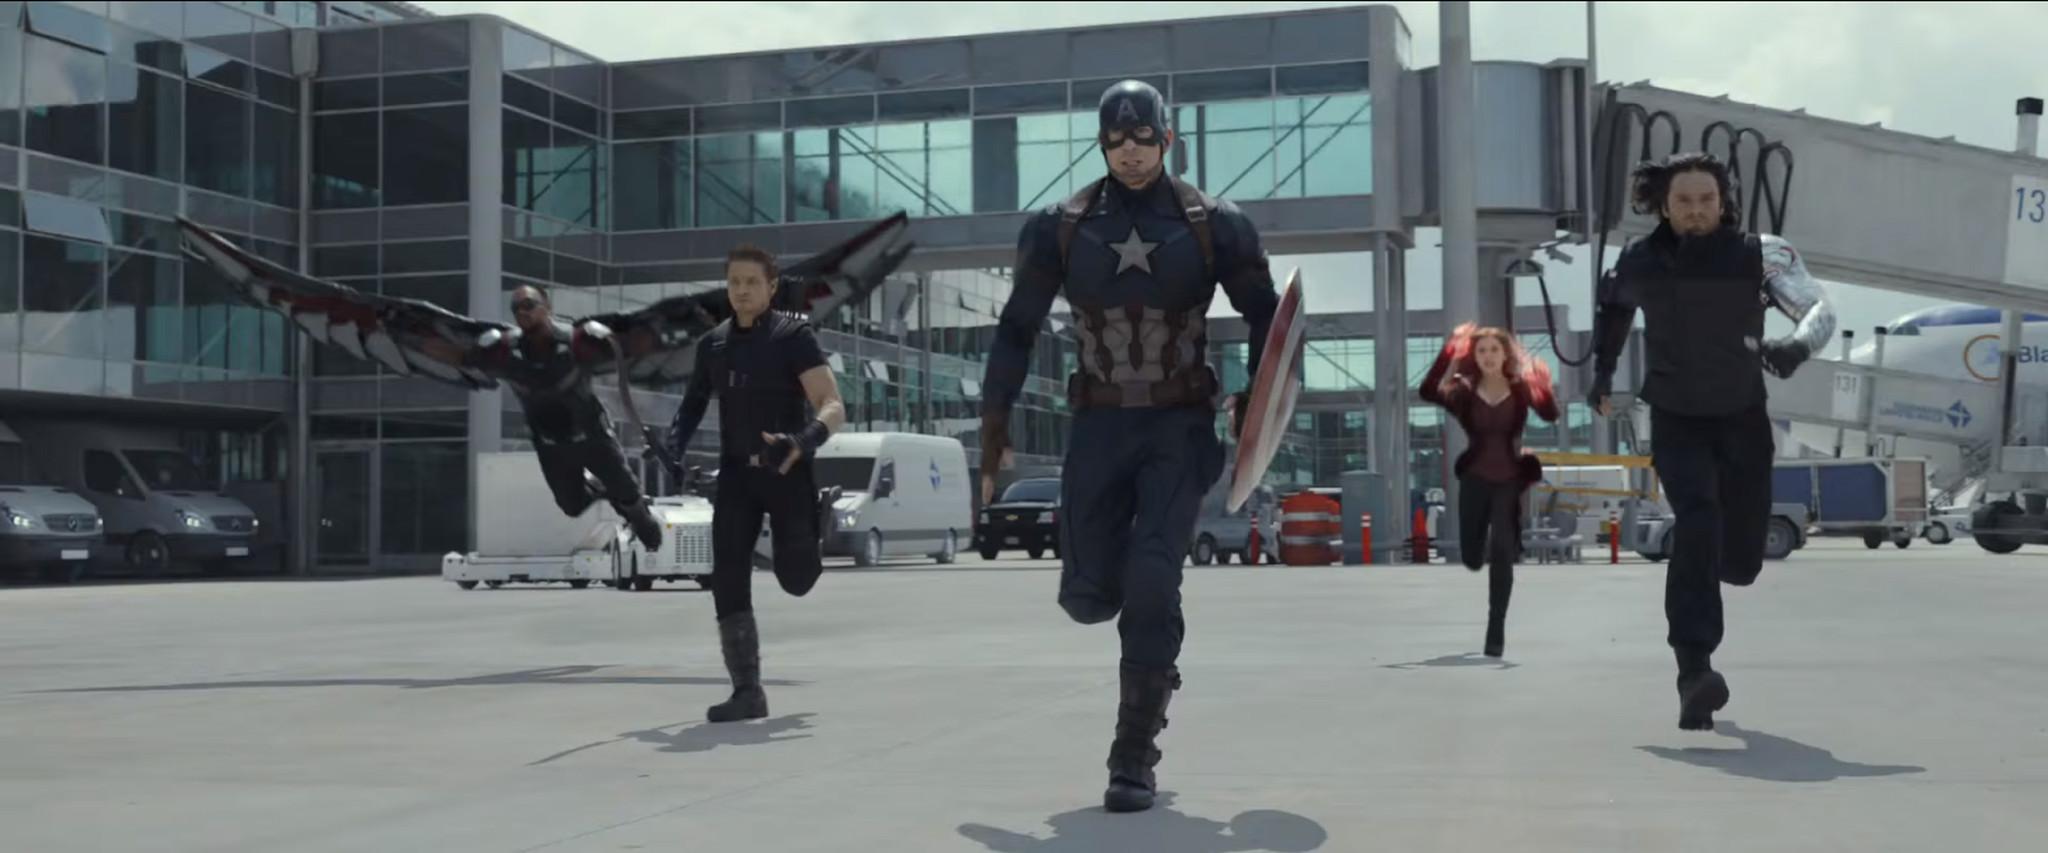 captain america civil war movie